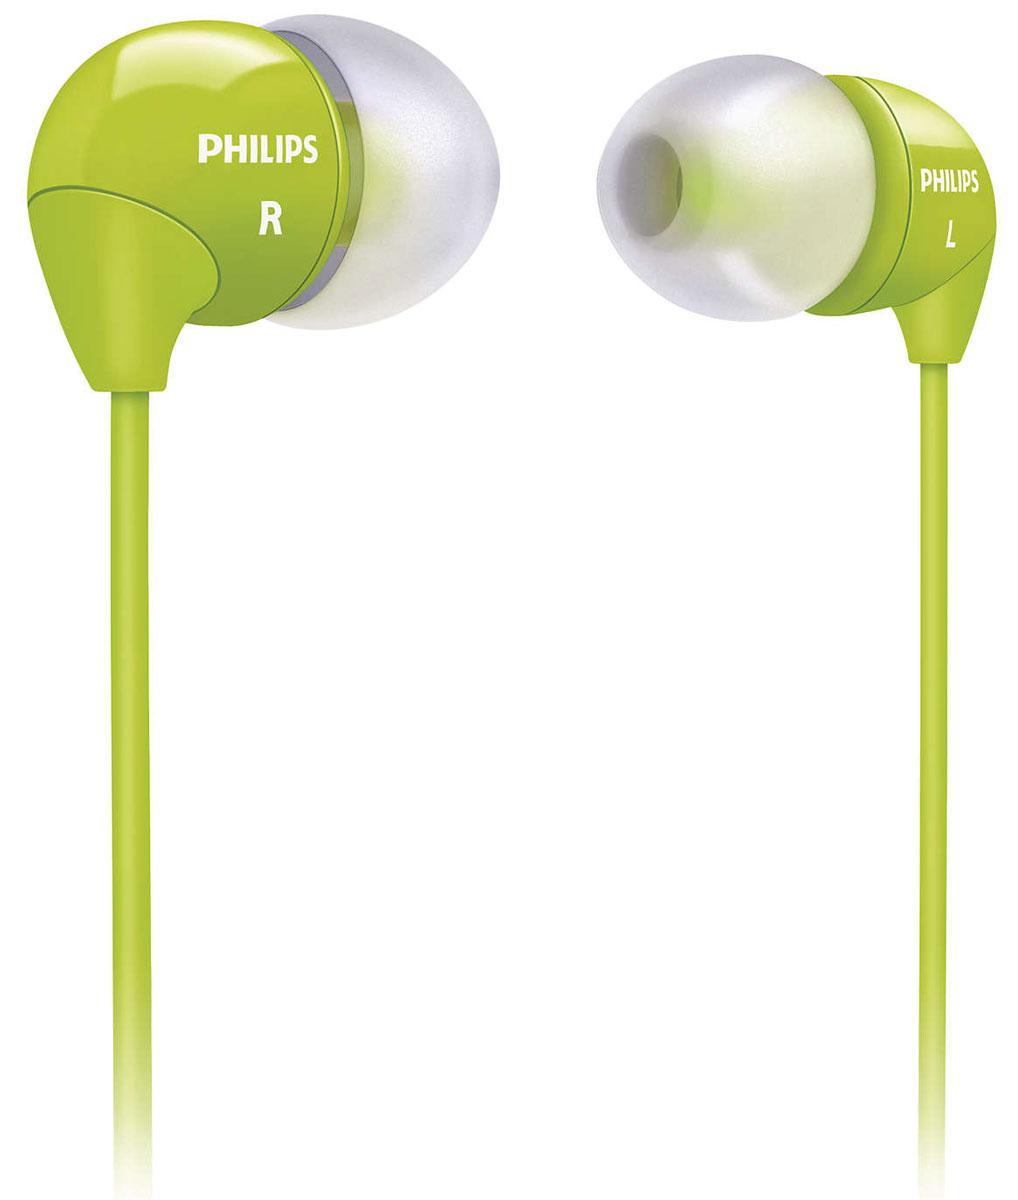 Philips SHE3590GN/10SHE3590GN/10Маленькие громкие динамики наушников-вкладышей Philips SHE3590 обеспечивают плотное прилегание и чистый звук с мощными басами. Идеальны для наслаждения любимой музыкой. В комплект входит 3 резиновых накладки разного размера, и вы гарантированно подберете пару, которая идеально подходит к вашим ушам. Крохотные излучатели обеспечивают плотность прилегания и полностью заполняют ушную раковину, что заглушает внешние источники звука и увеличивает впечатления от прослушивания. Мягкий резиновый сгиб между наушником и кабелем защищает соединение от разрыва при постоянном сгибании и продлевает срок службы.